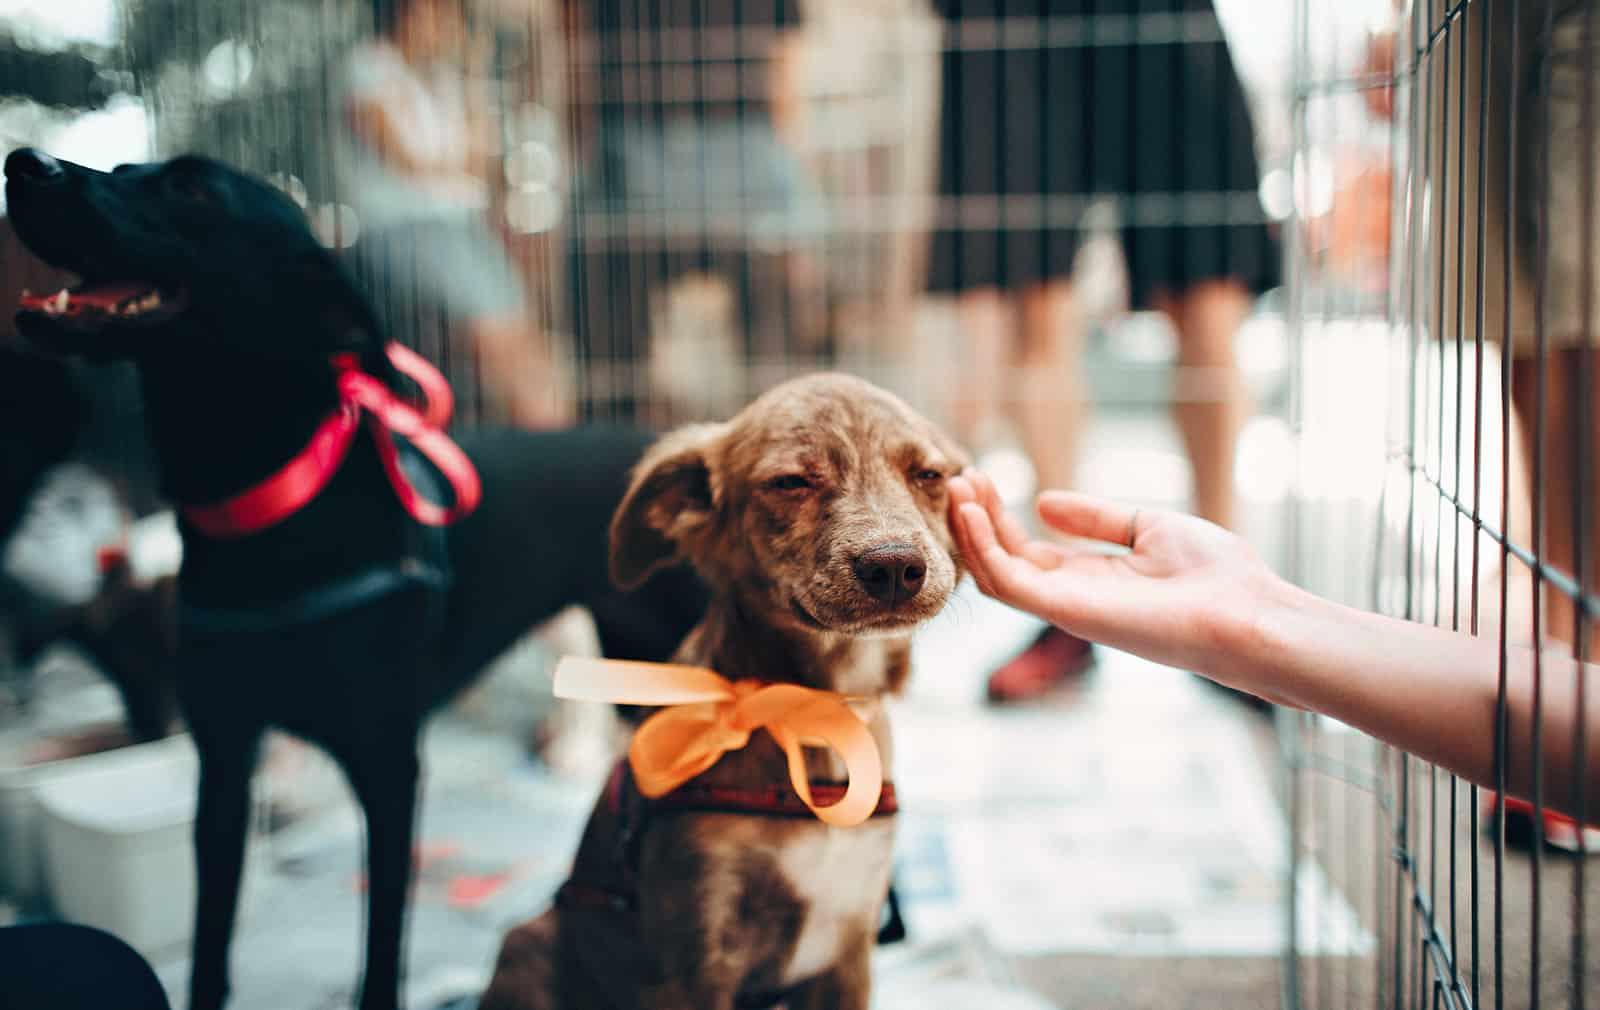 eine Person, die einen braunen Welpen in einem Hundehaus berührt